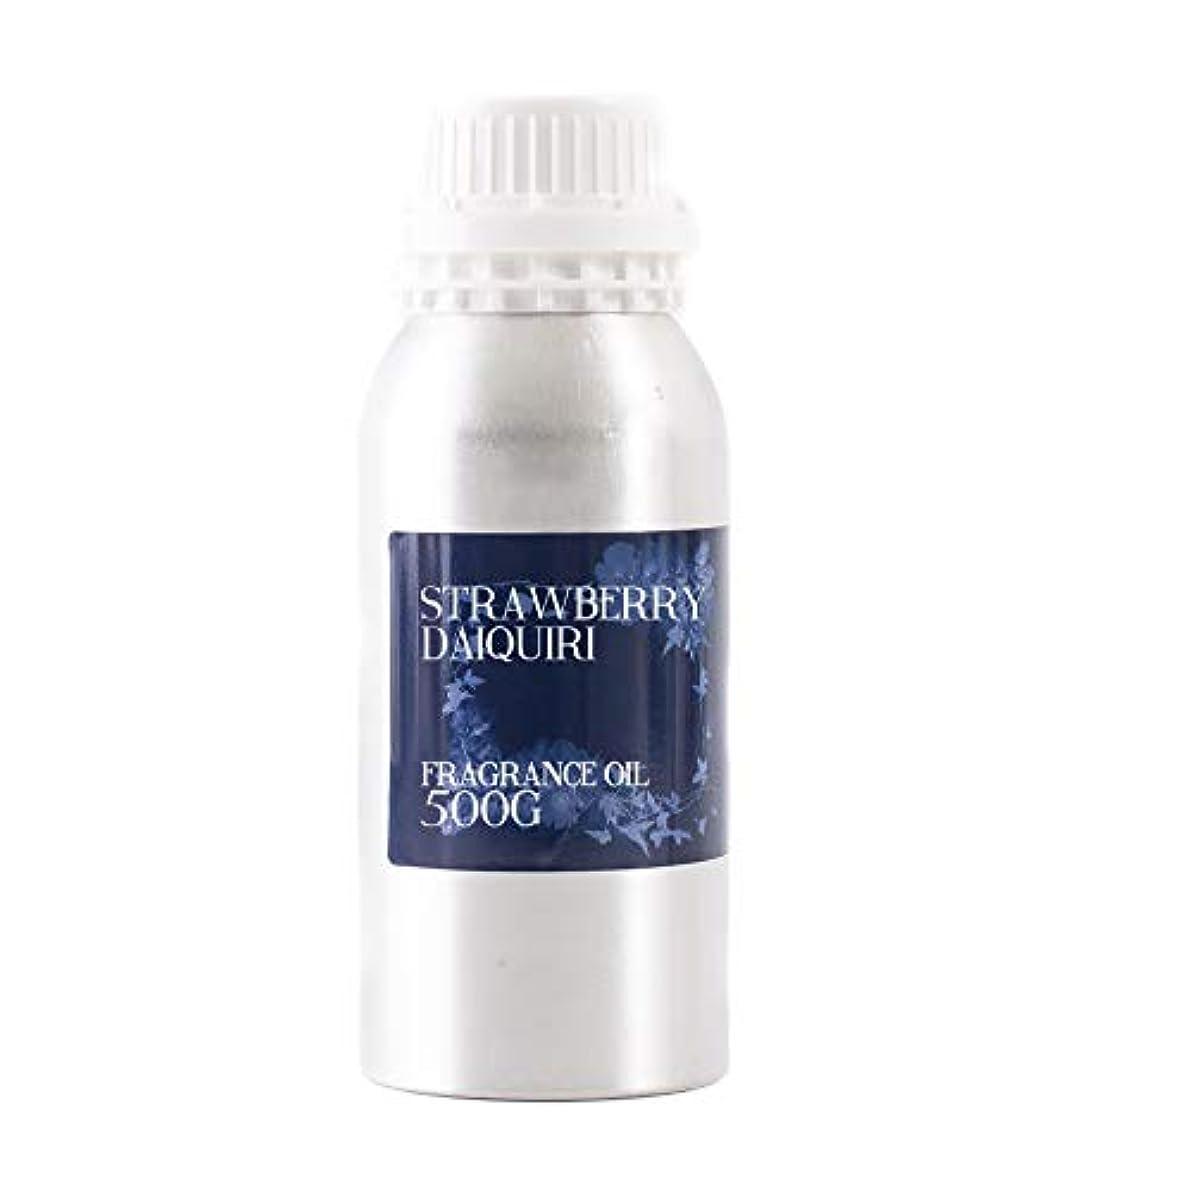 泥開発建築Mystic Moments | Strawberry Daiquiri Fragrance Oil - 500g